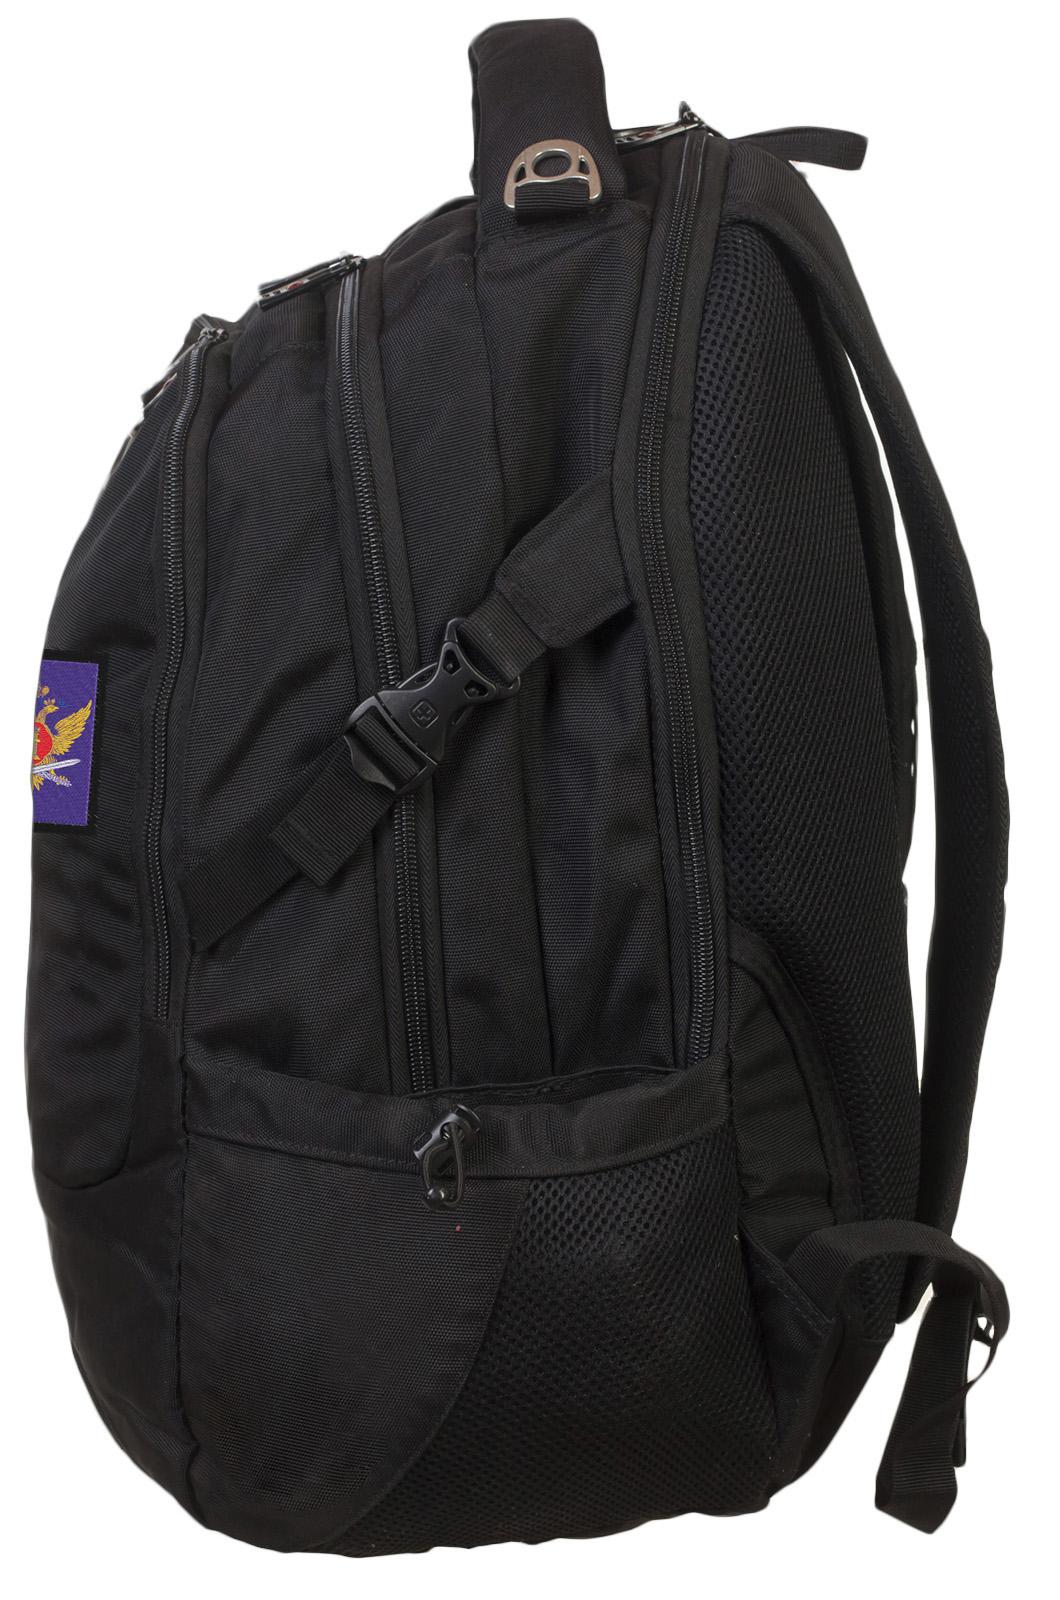 Зачетный мужской рюкзак с нашивкой ФСИН - заказать в розницу